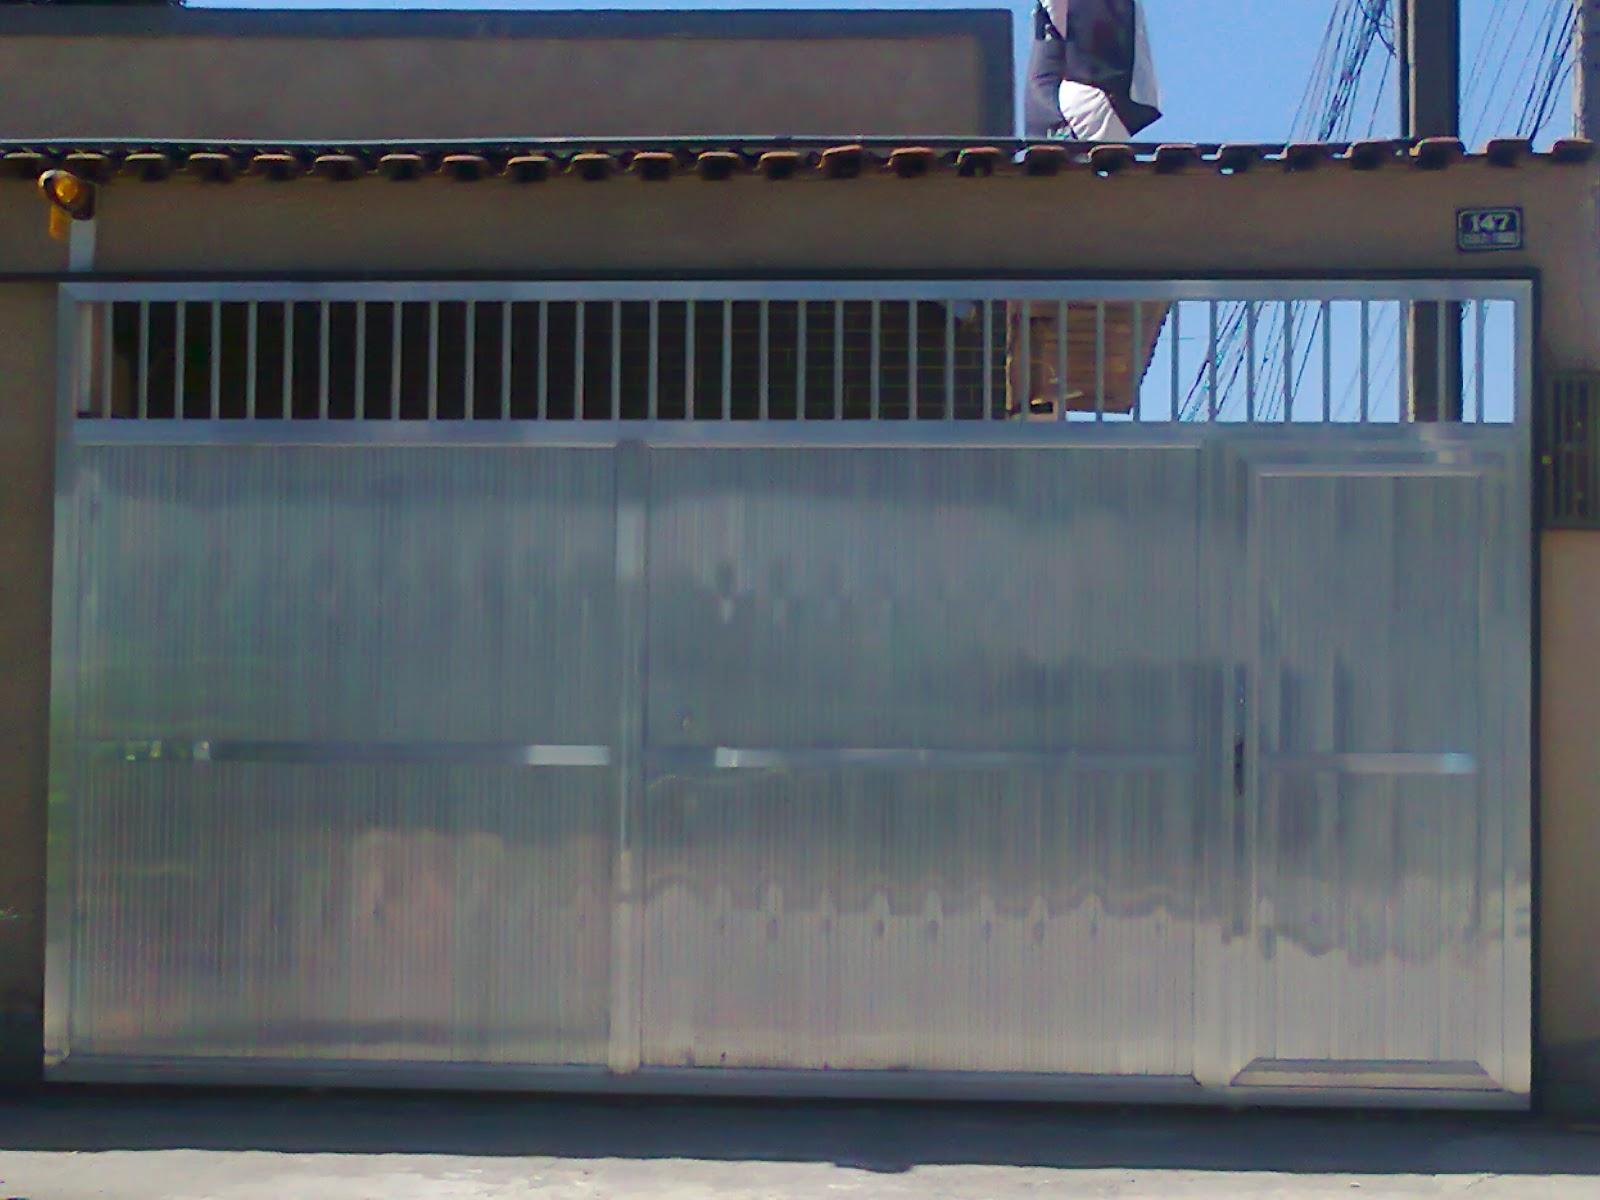 #2764A4 SERRALHERIA DEL CASTILHO RJ ZONA NORTE: Serralheria Del Castilho  1326 Preço De Janelas De Aluminio Em Juiz De Fora